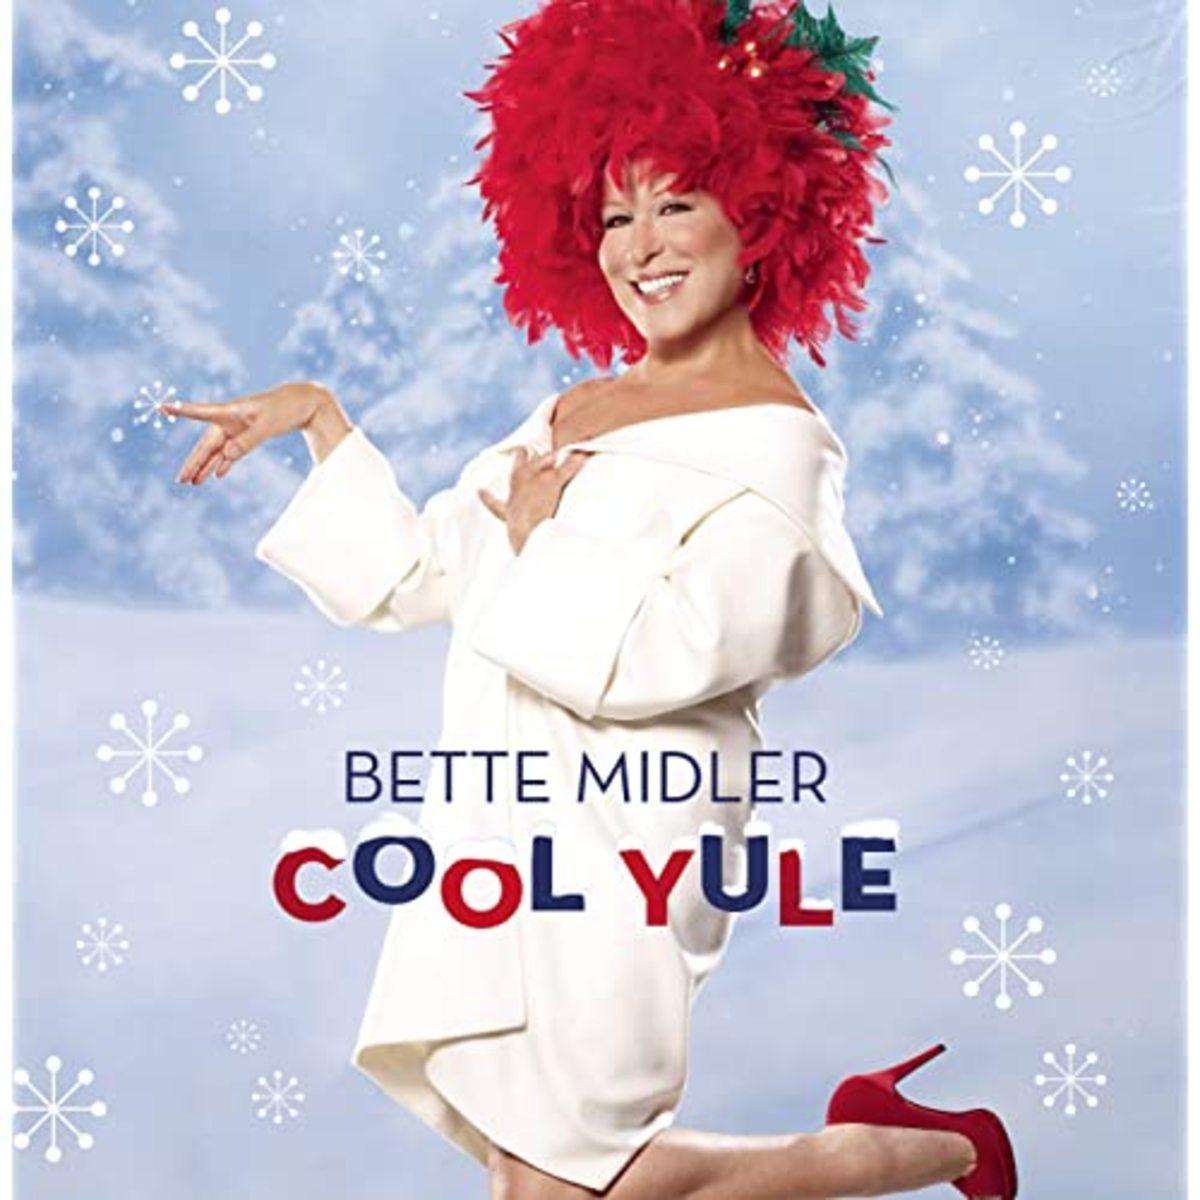 """Bette Midler's """"Cool Yule"""" album, released in 2006"""